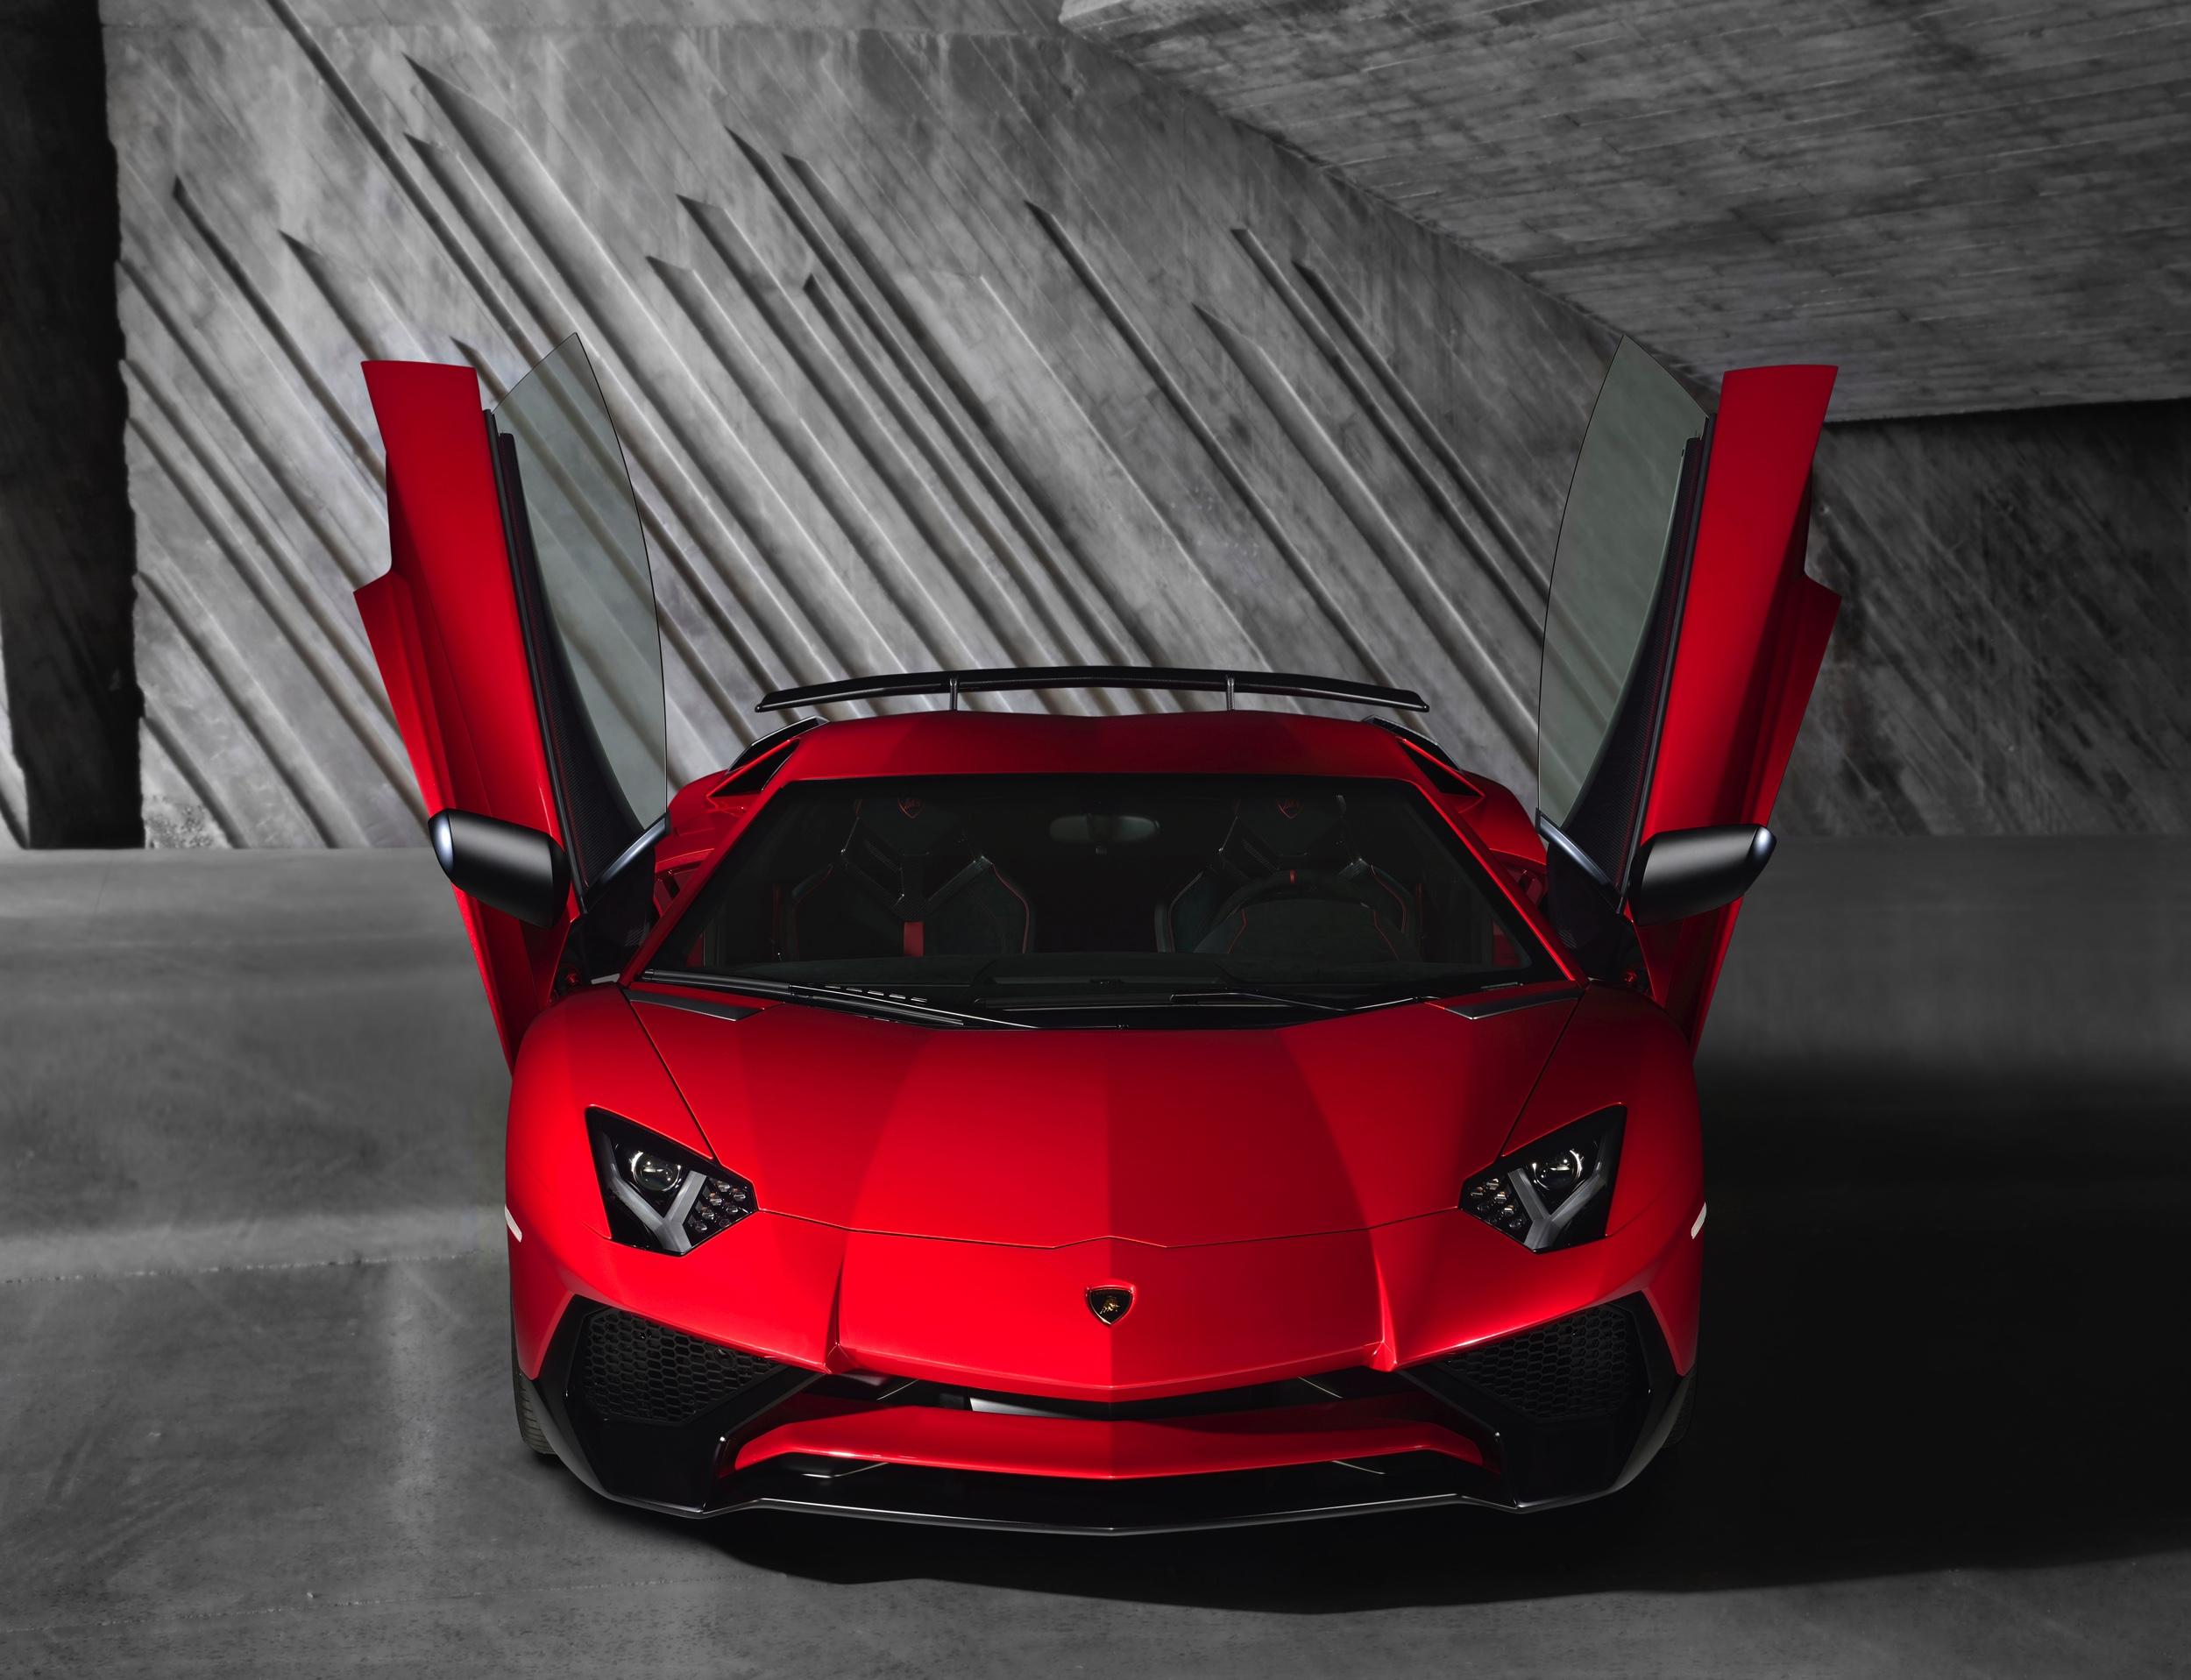 Lamborghini Aventador LP 750-4 SuperVeloce - Autovisie.nl - 1